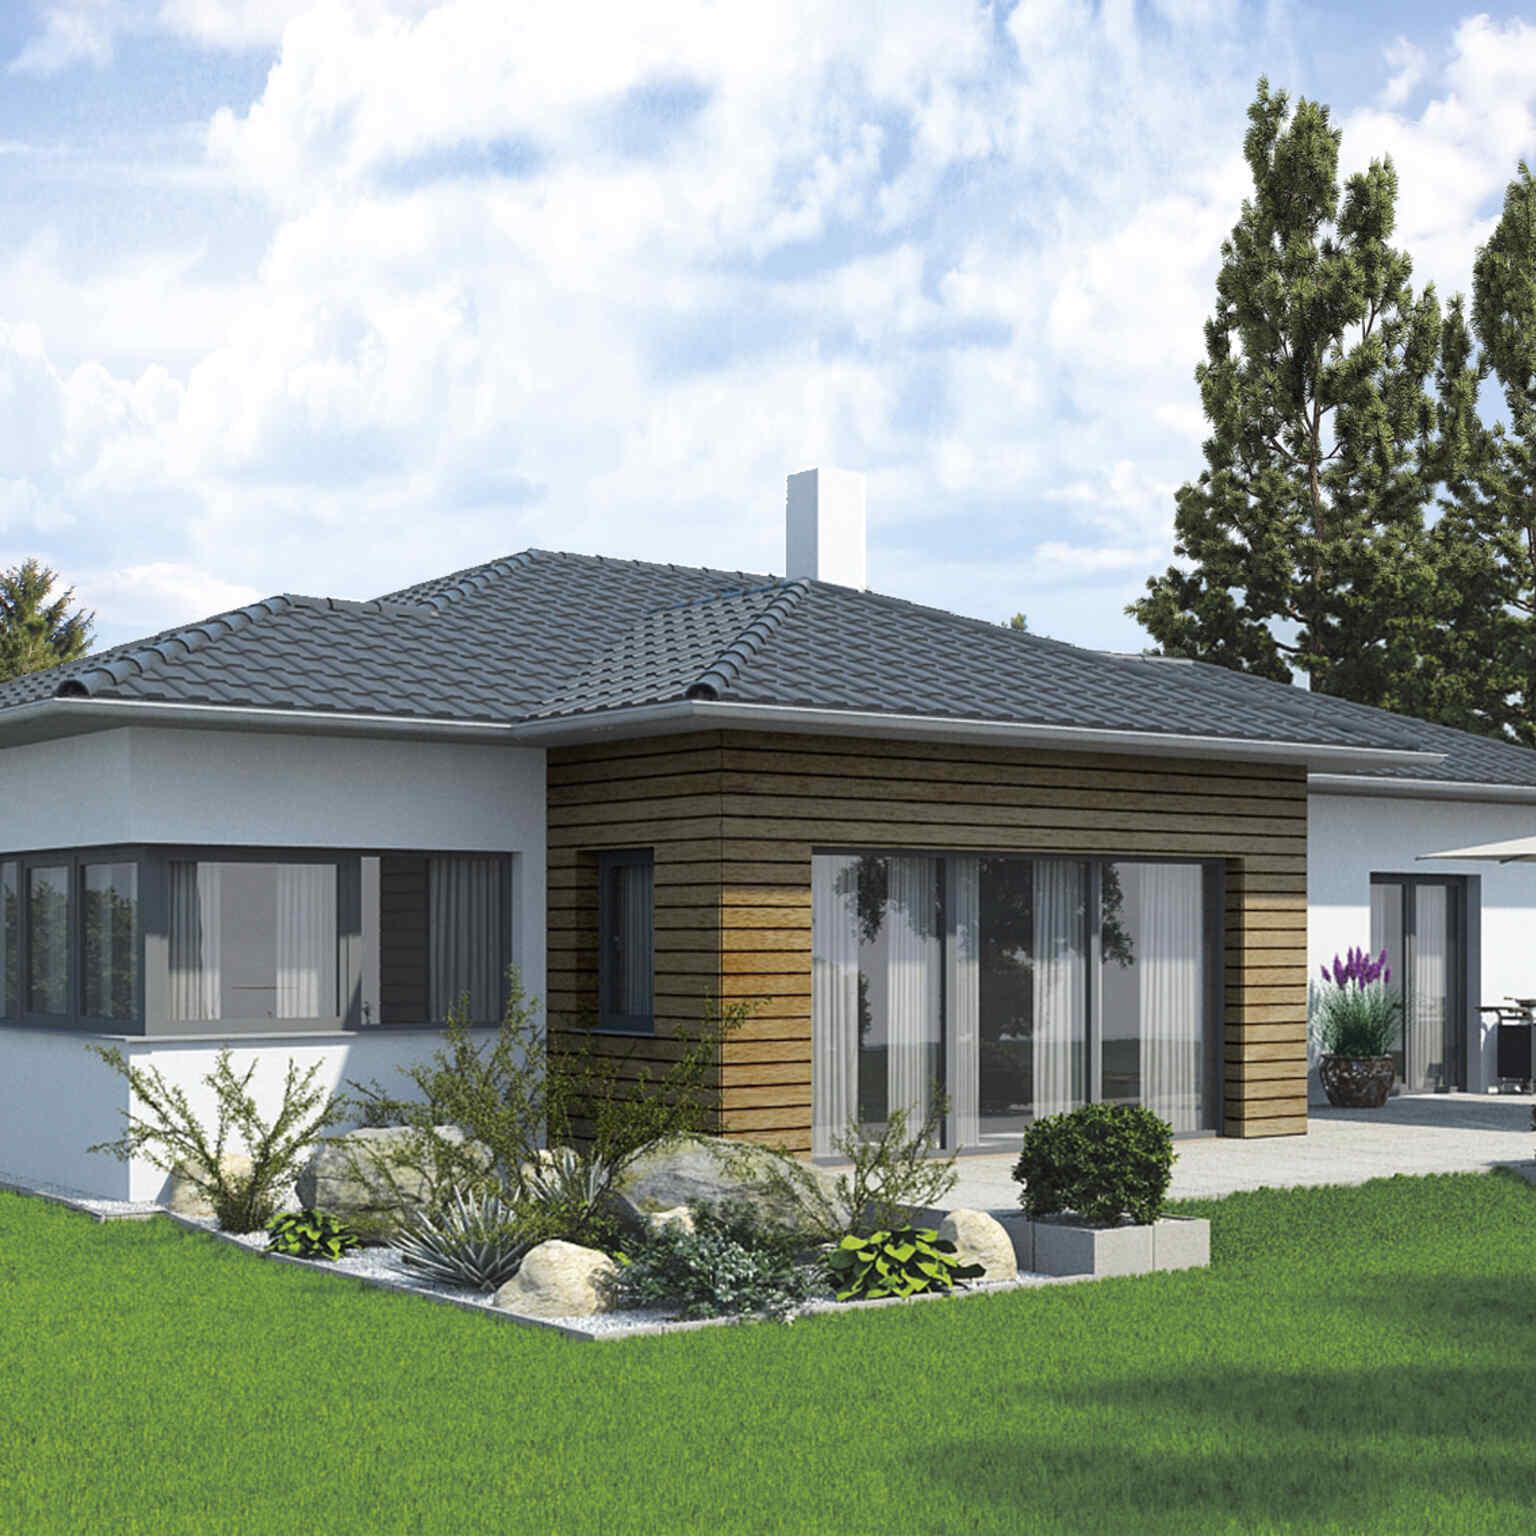 Familienhaus Bzw. Einfamilienhaus Bauen Österreich